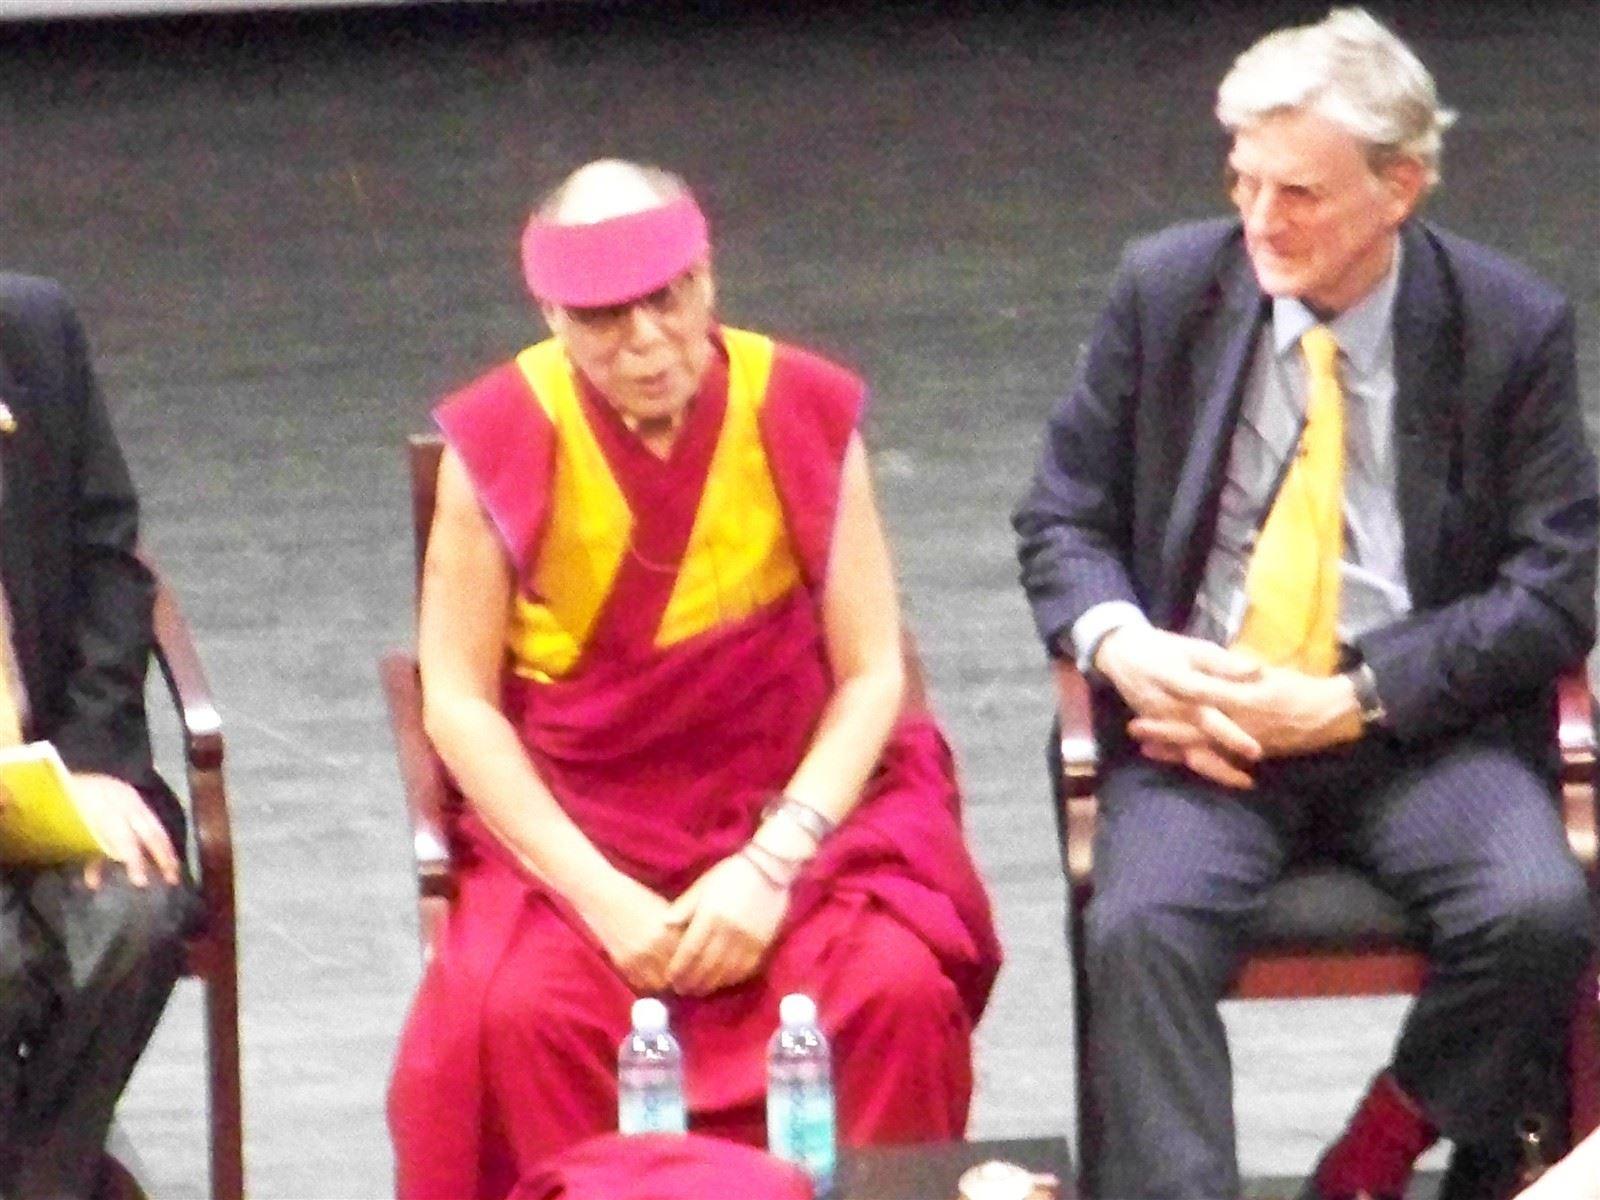 His Holiness the Dalai Lama, Moderator Robert Thurman : His Holiness the Dalai Lama with Moderator Robert Thurman, @NewarkPeace May 2011